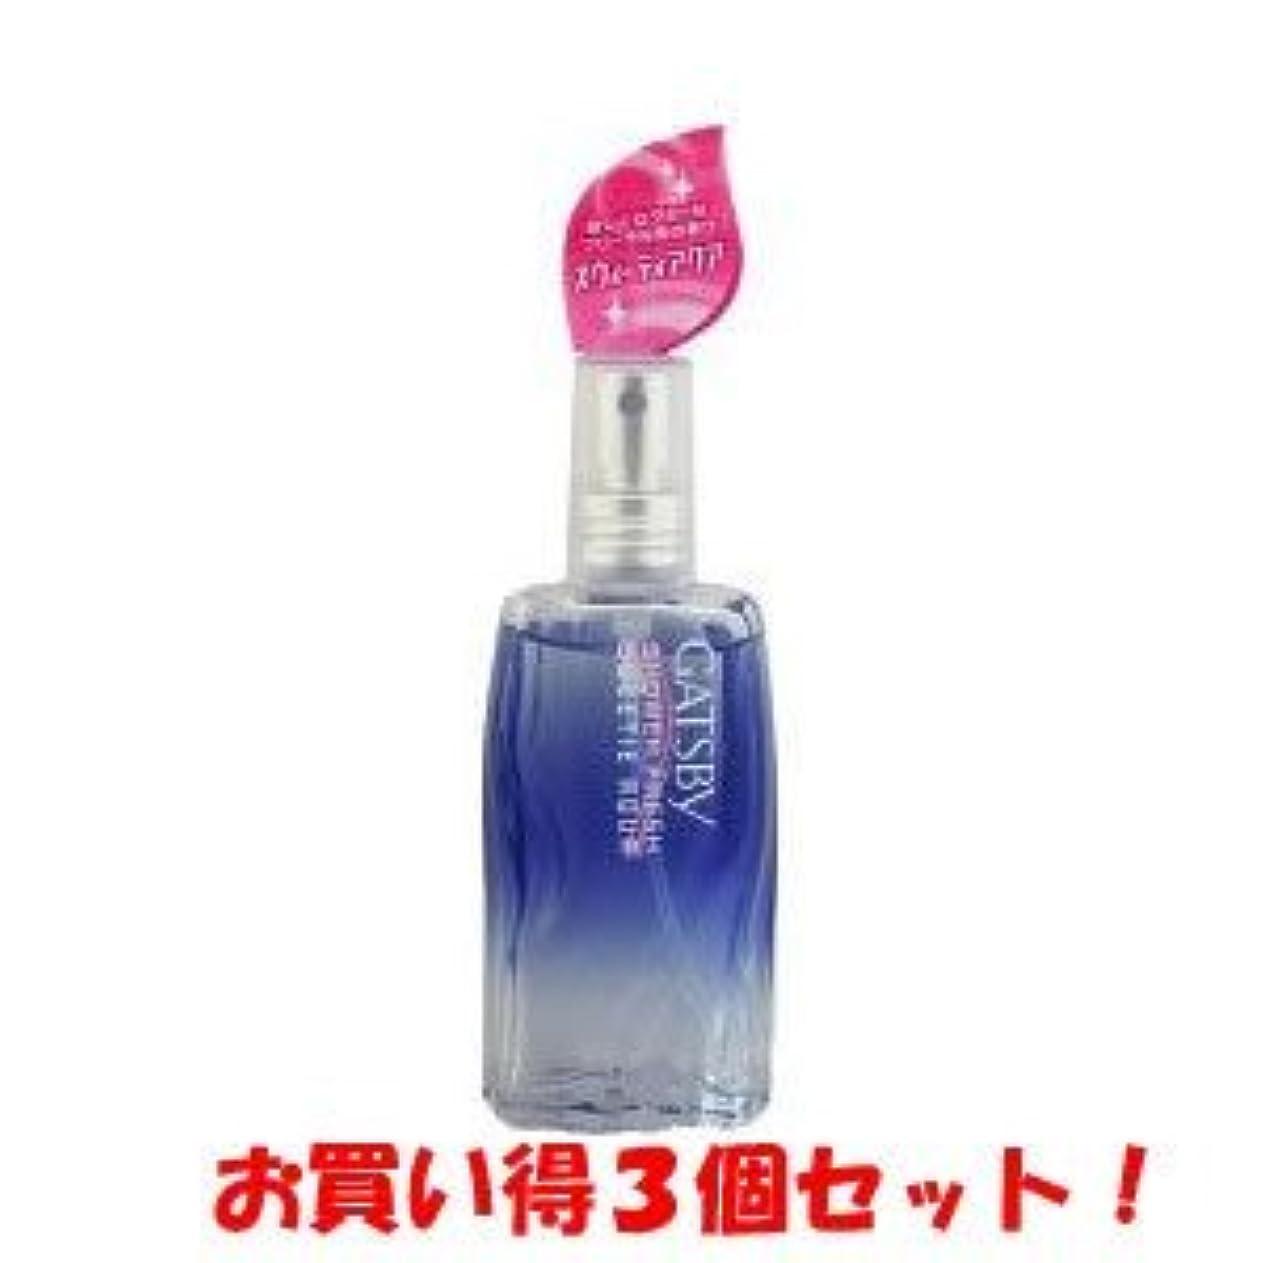 溝ソーダ水合法ギャツビー【GATSBY】シャワーフレッシュ スウィーティアクア 60ml(お買い得3個セット)